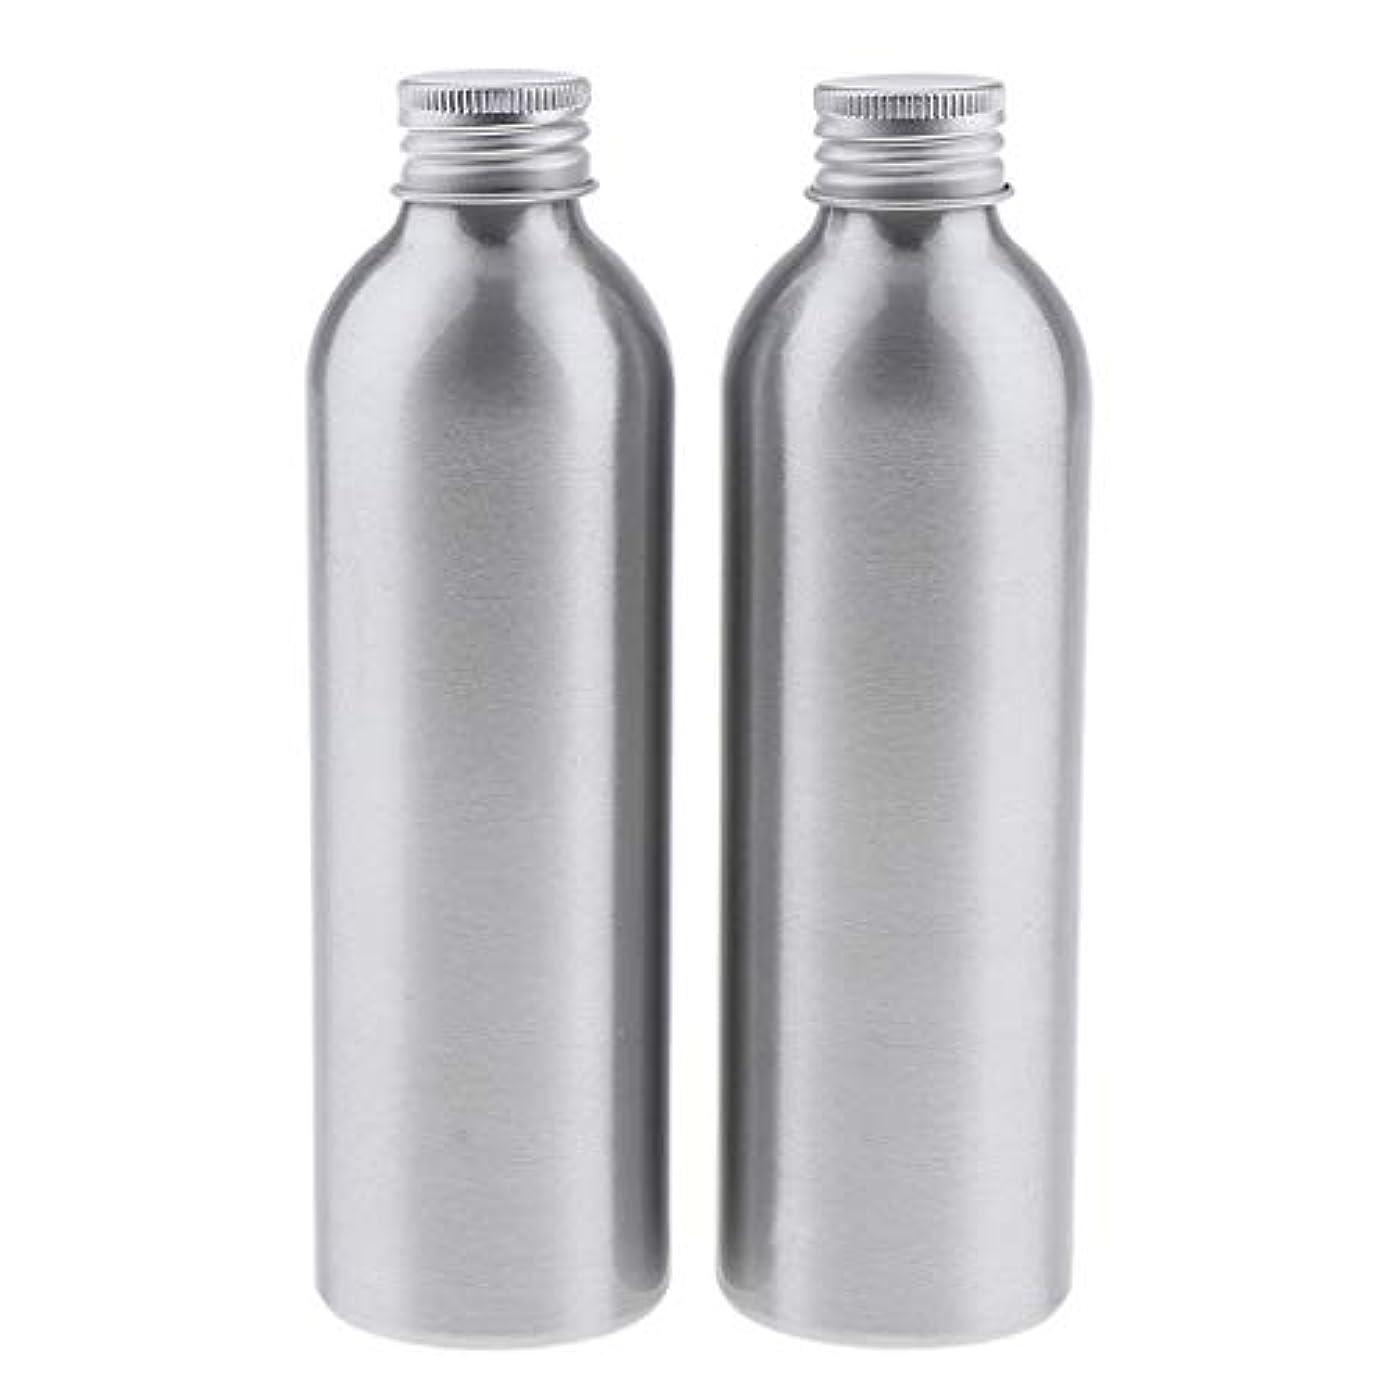 ディスペンサーボトル 空ボトル アルミボトル 化粧品ボトル 詰替え容器 広い口 防錆 全5サイズ - 250ml